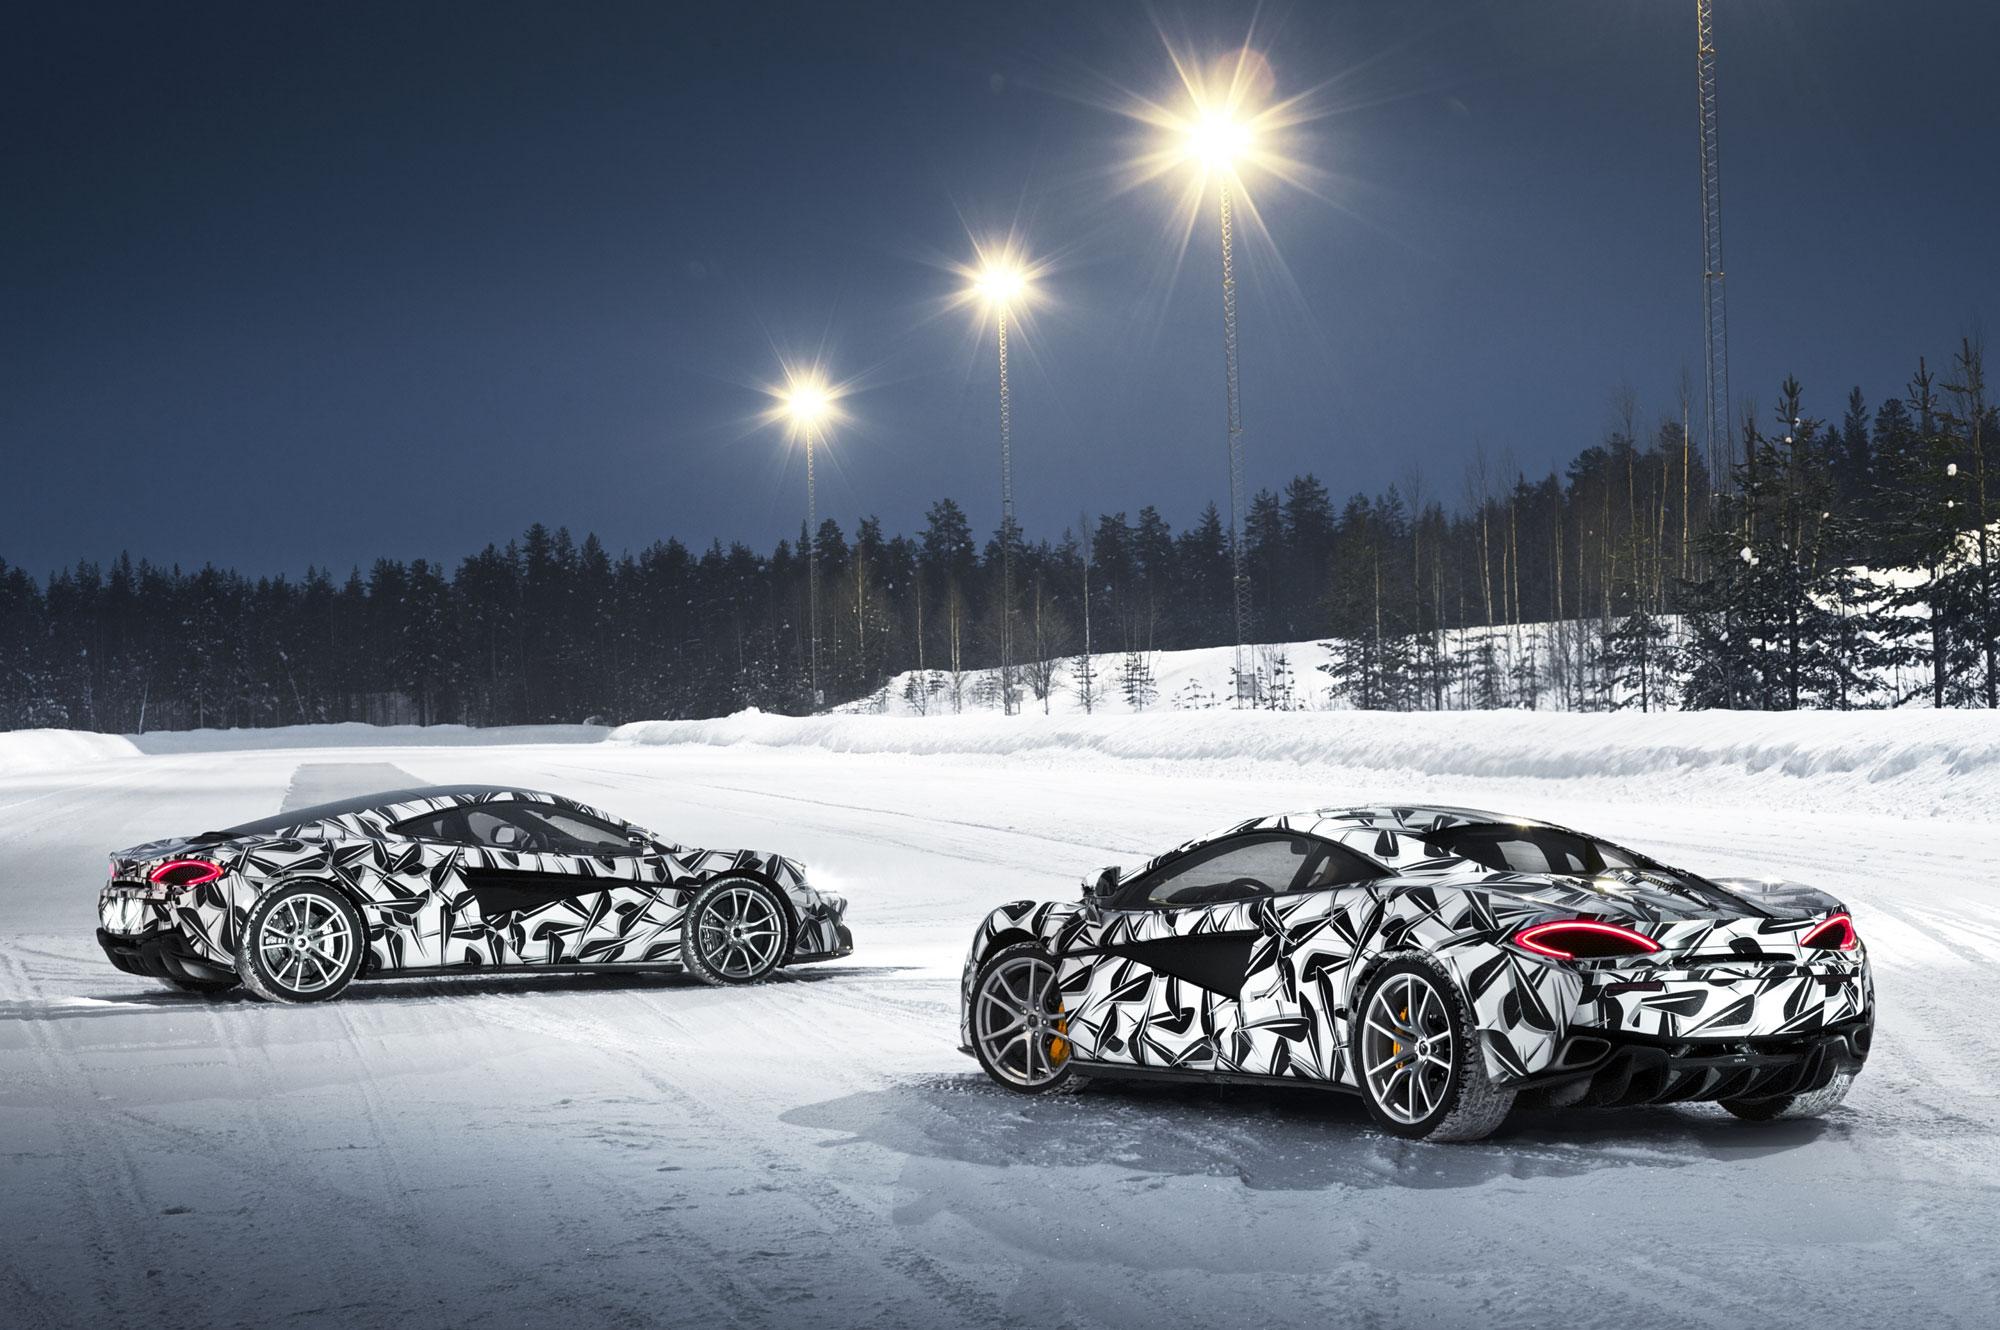 mclaren-ice-driving-1